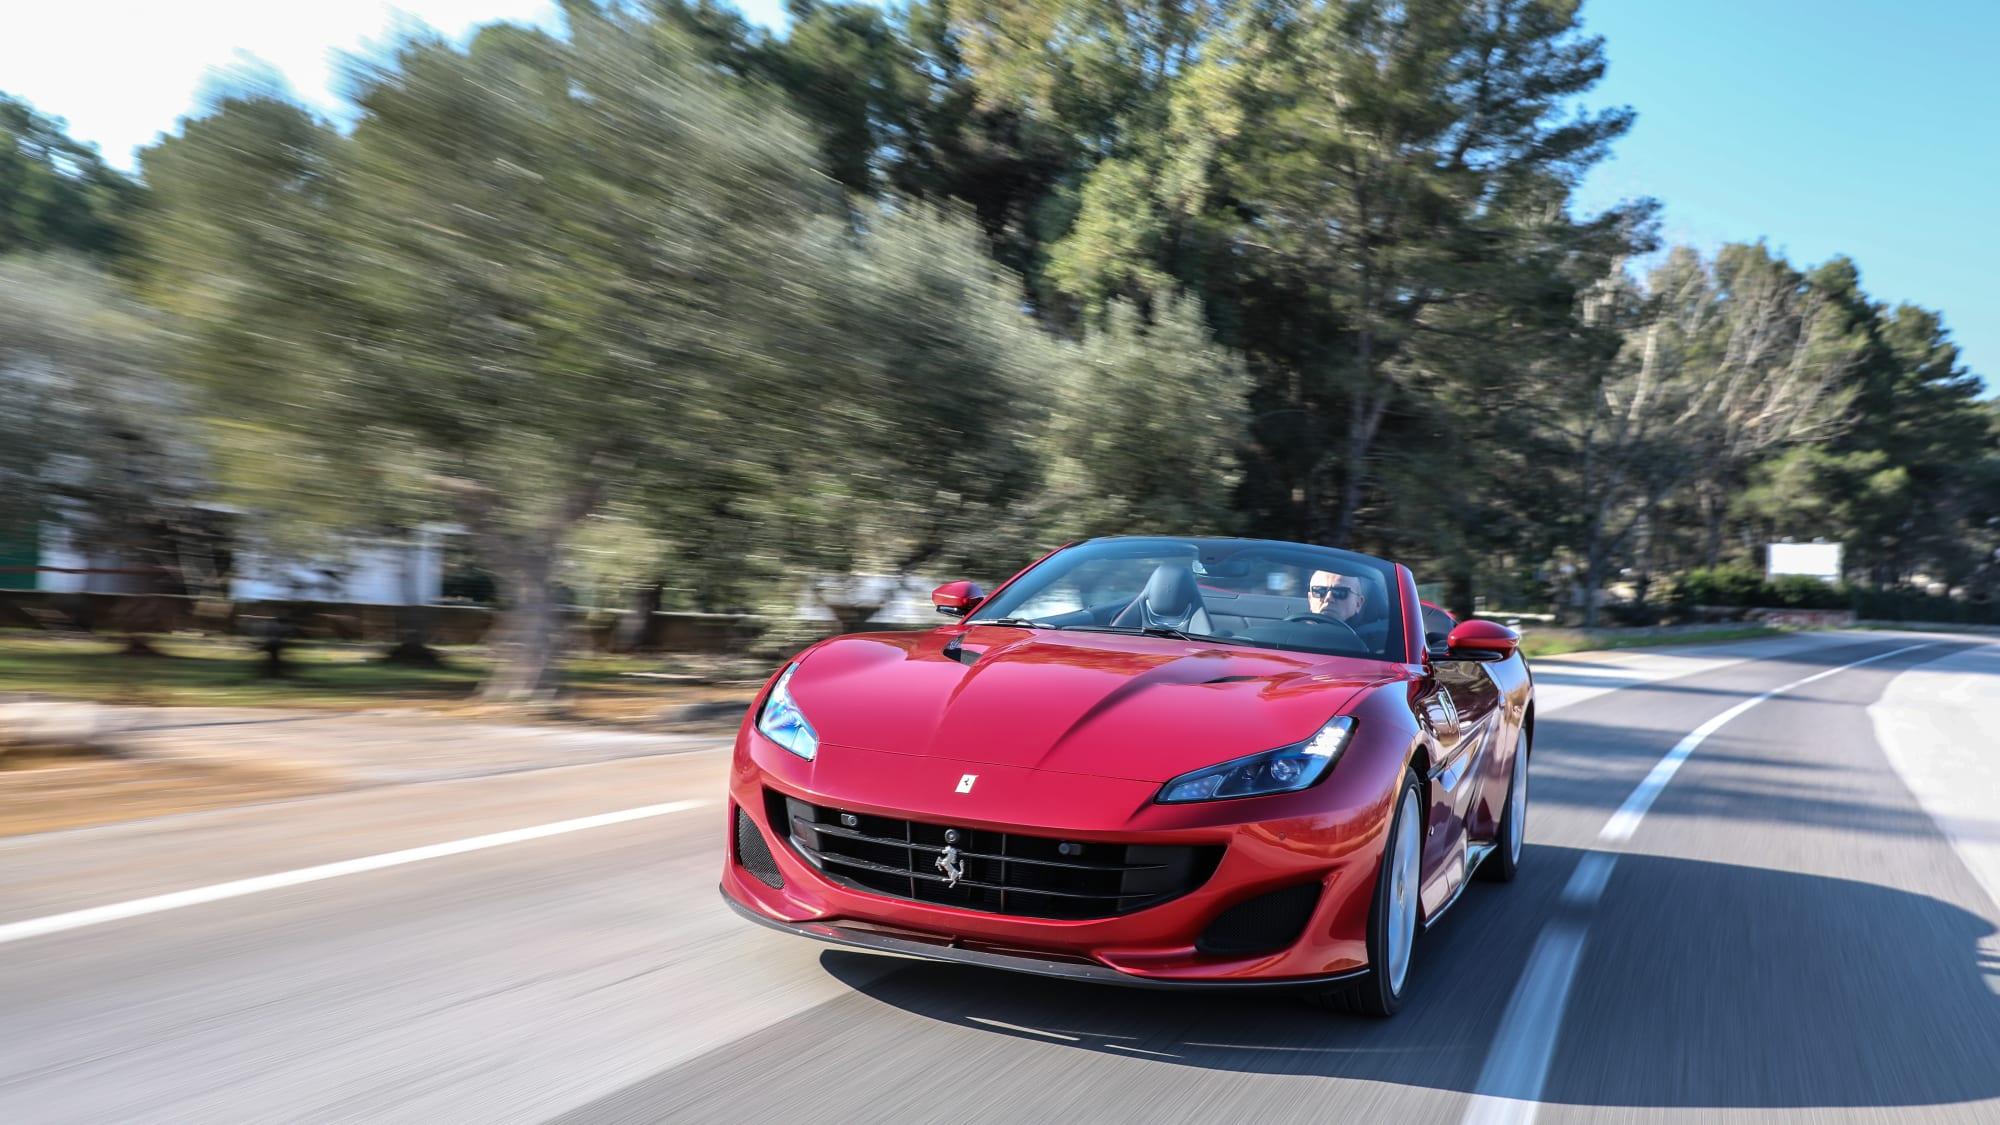 Frontansicht des Ferrari Portofino fahrend